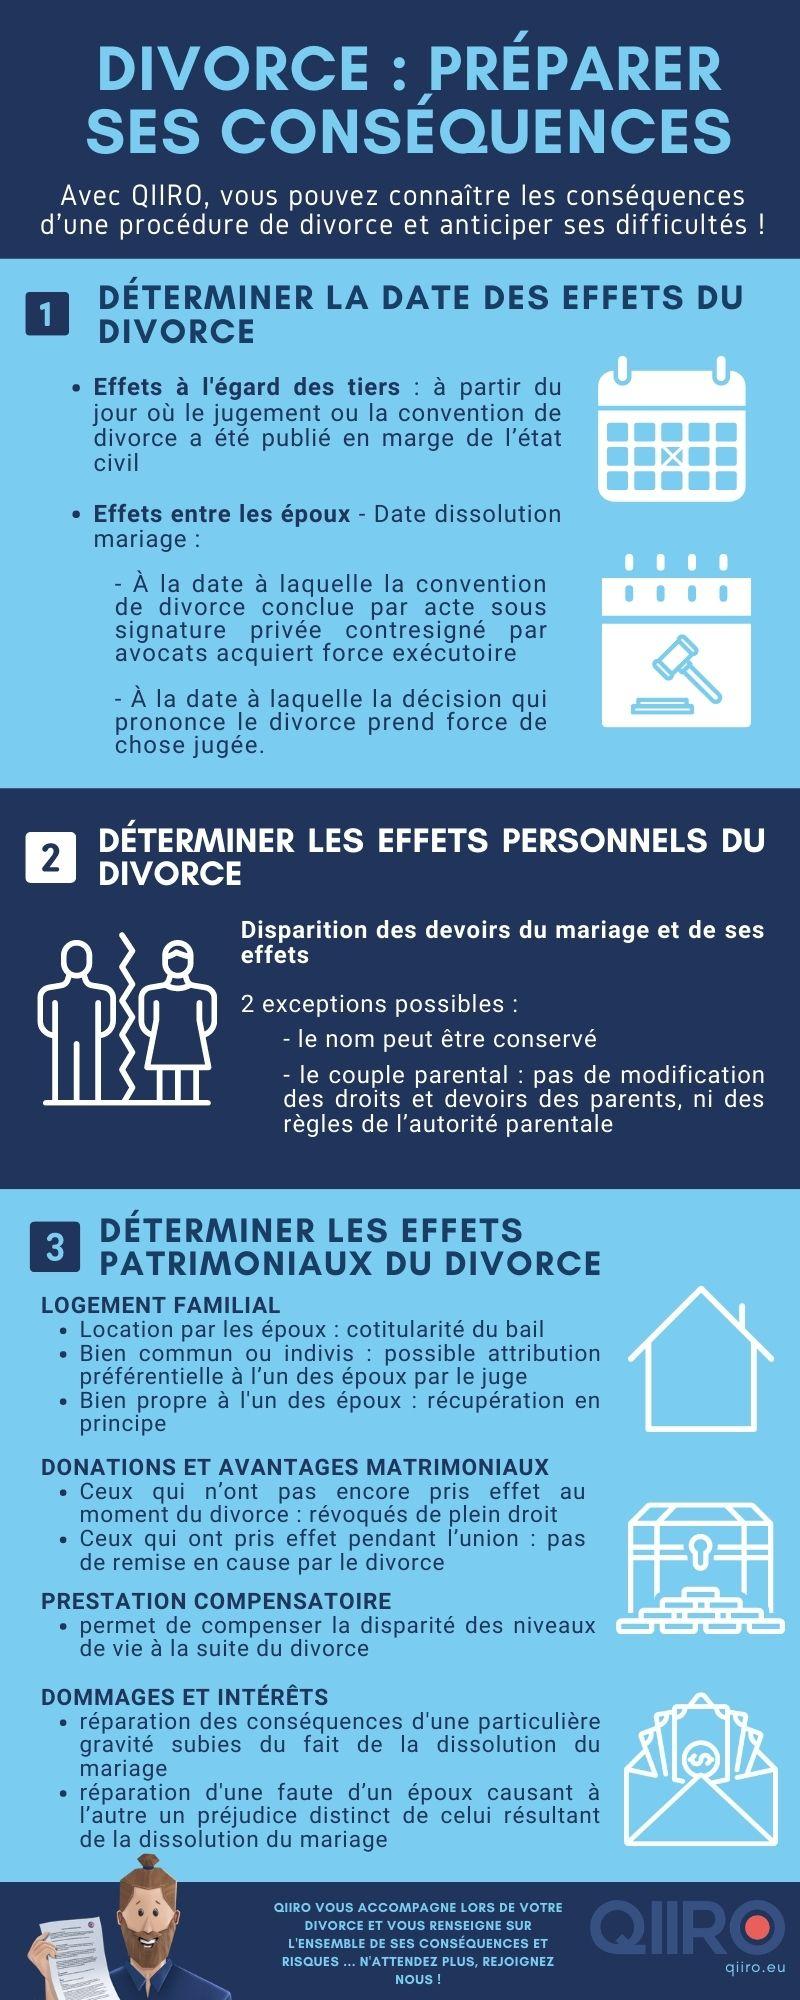 Divorce : Préparer ses conséquences